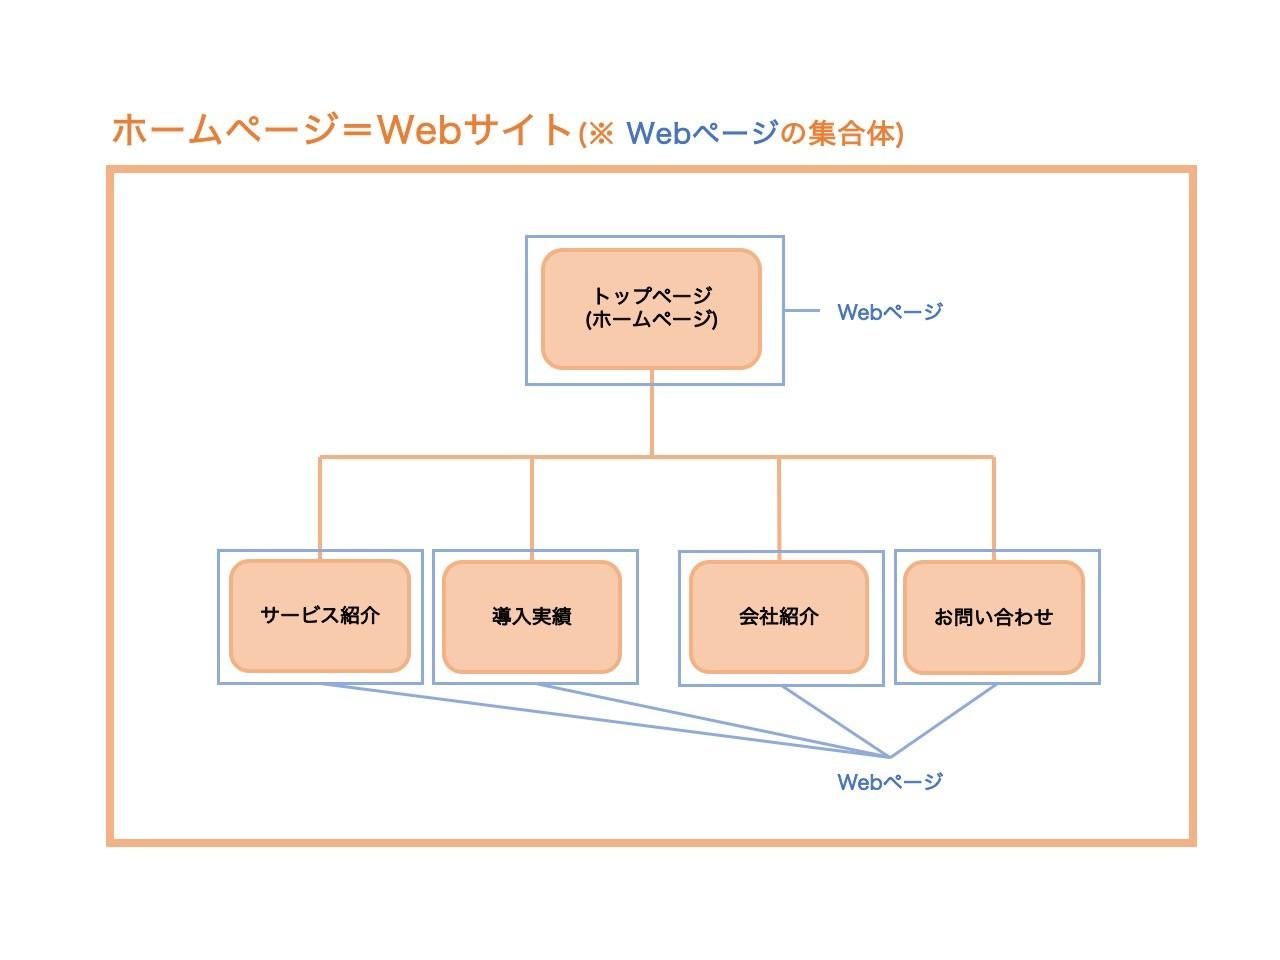 サービス 日本 ウェブ